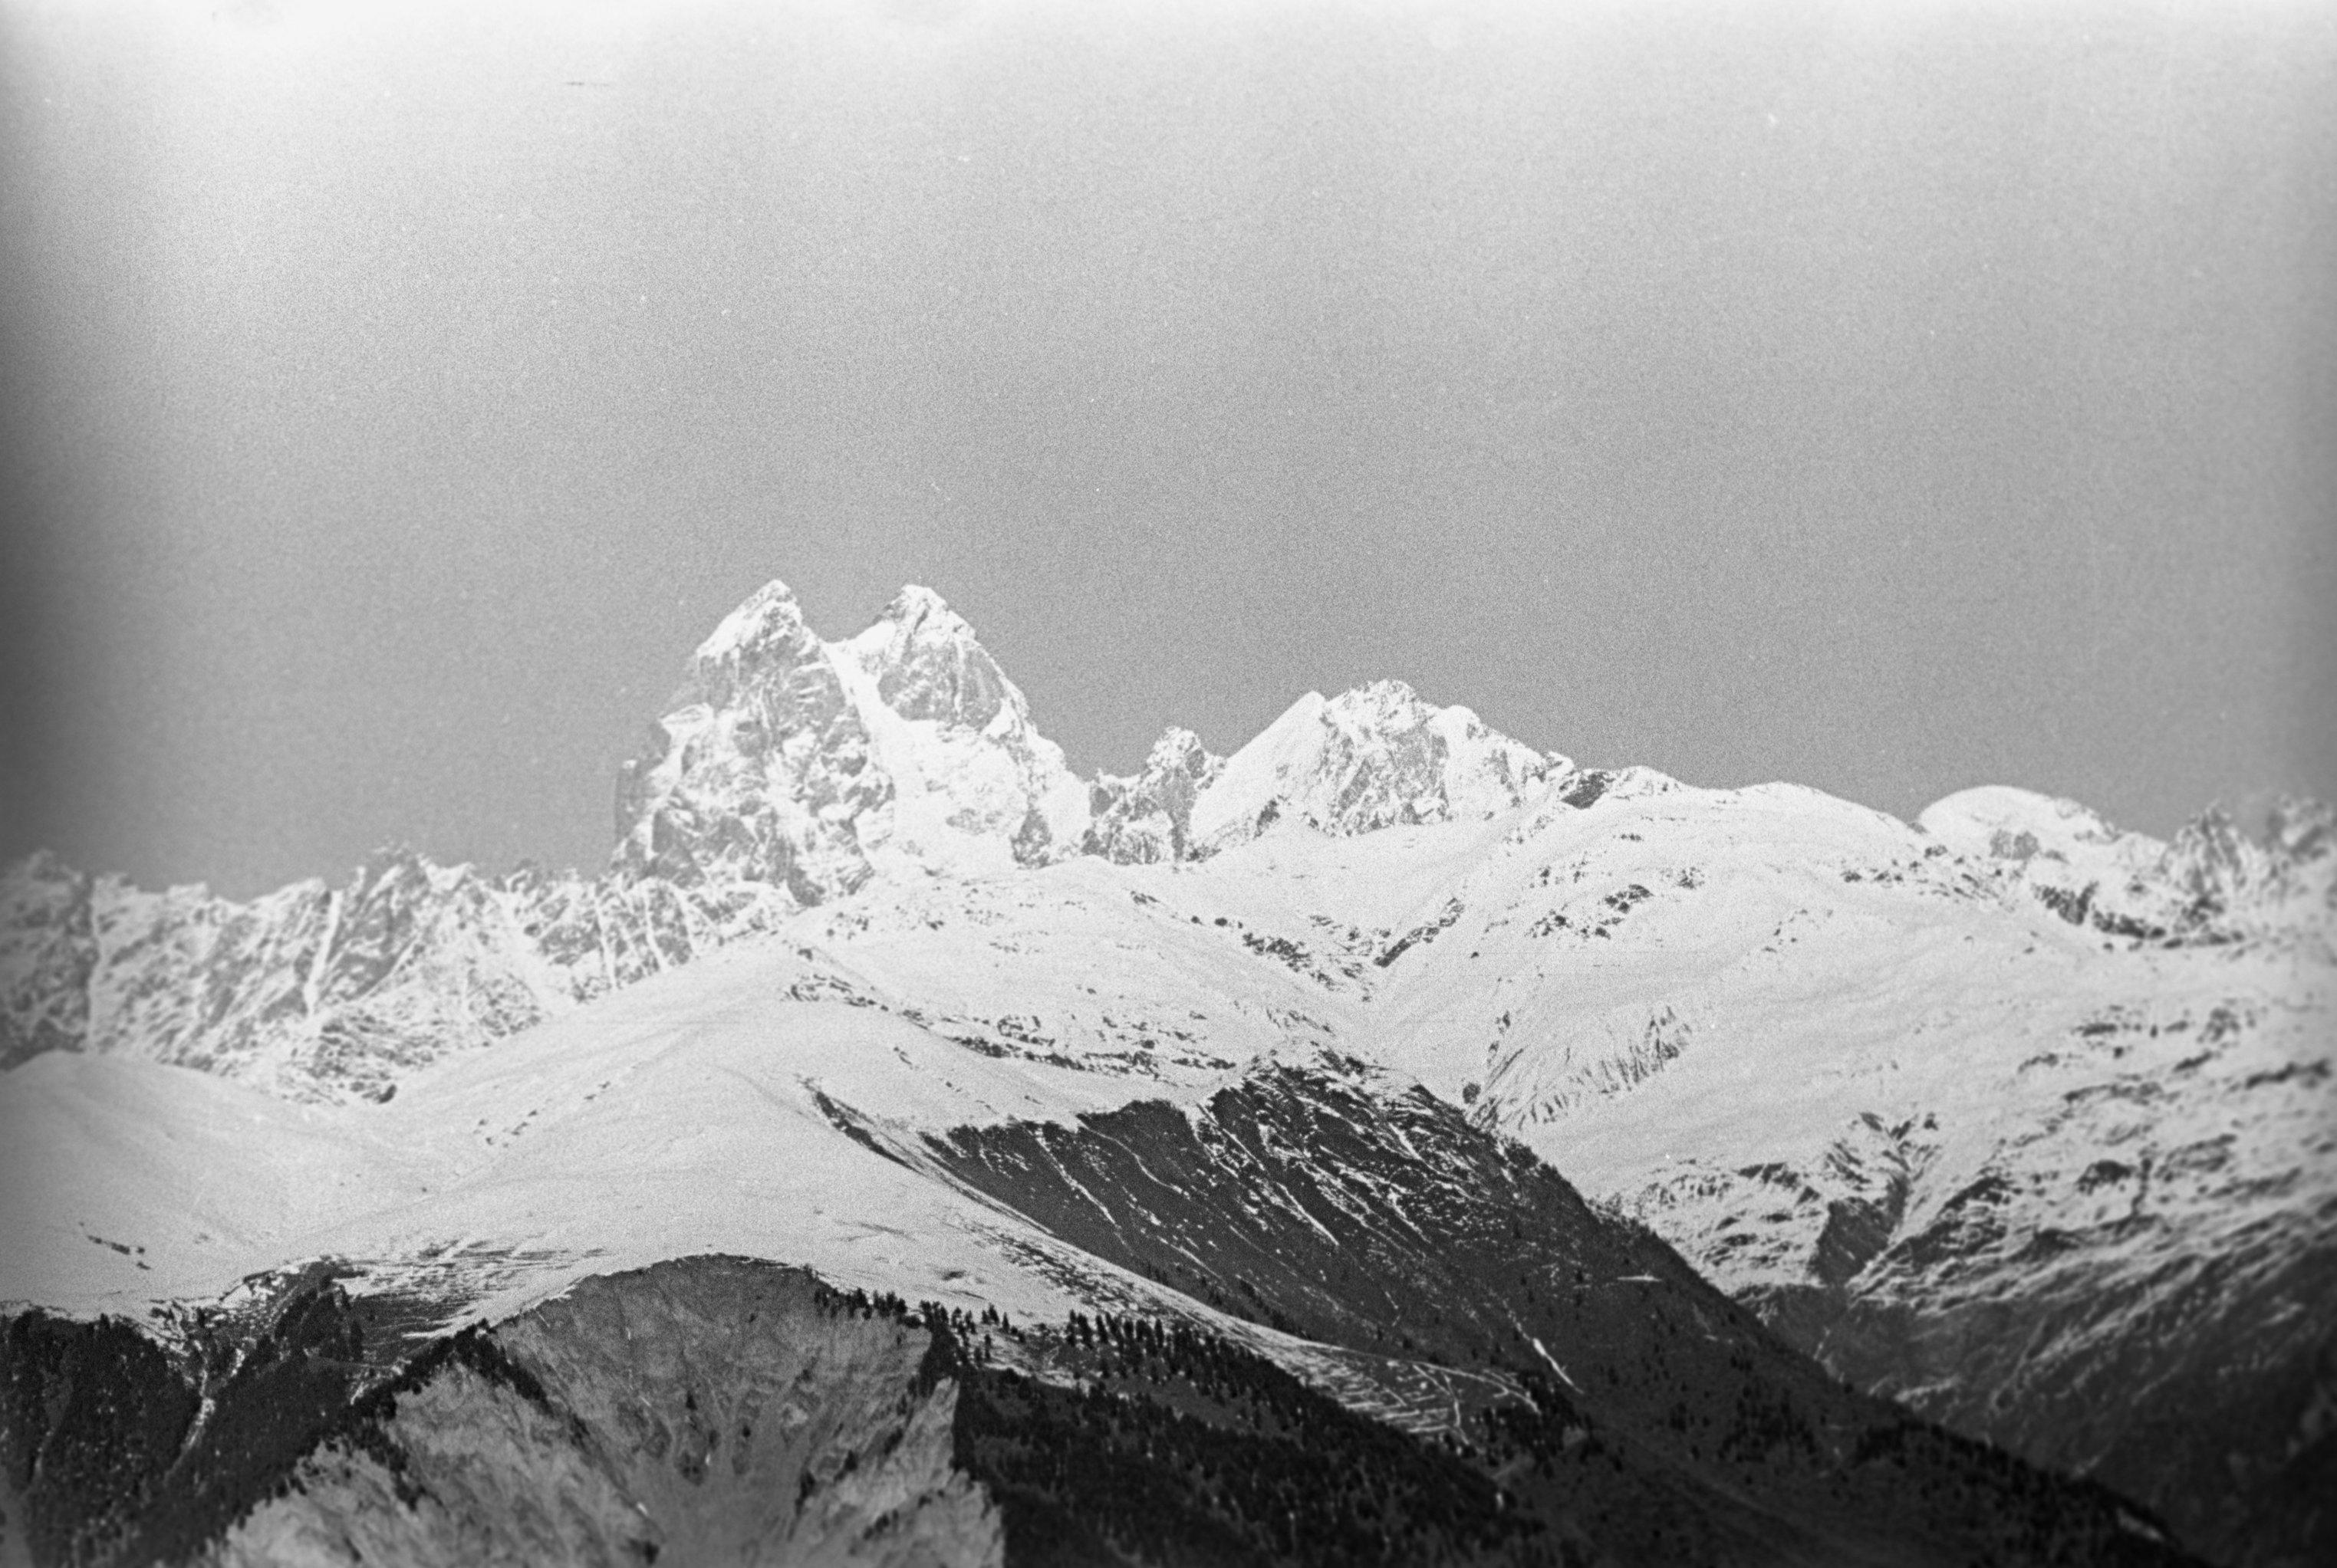 Одна из вершин Большого Кавказа - Ушба